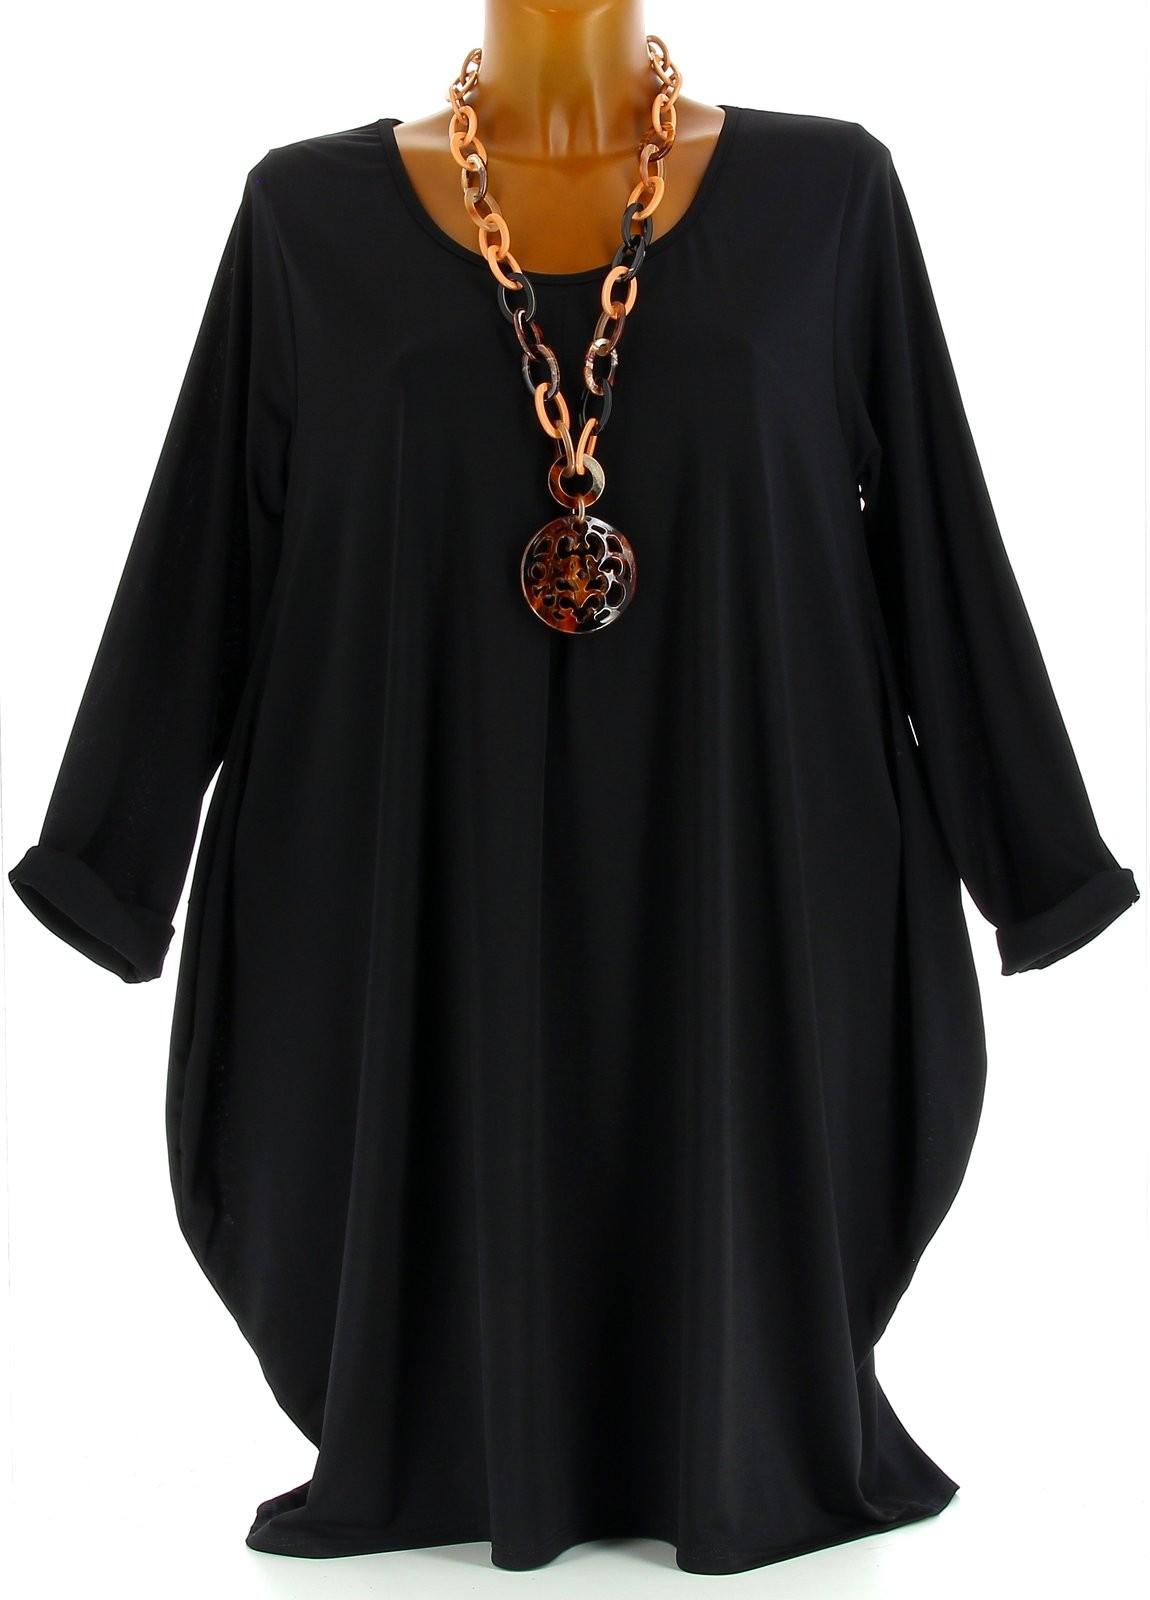 Robe tunique boule jersey grande taille noir olive noir ebay for Robe housse grande taille